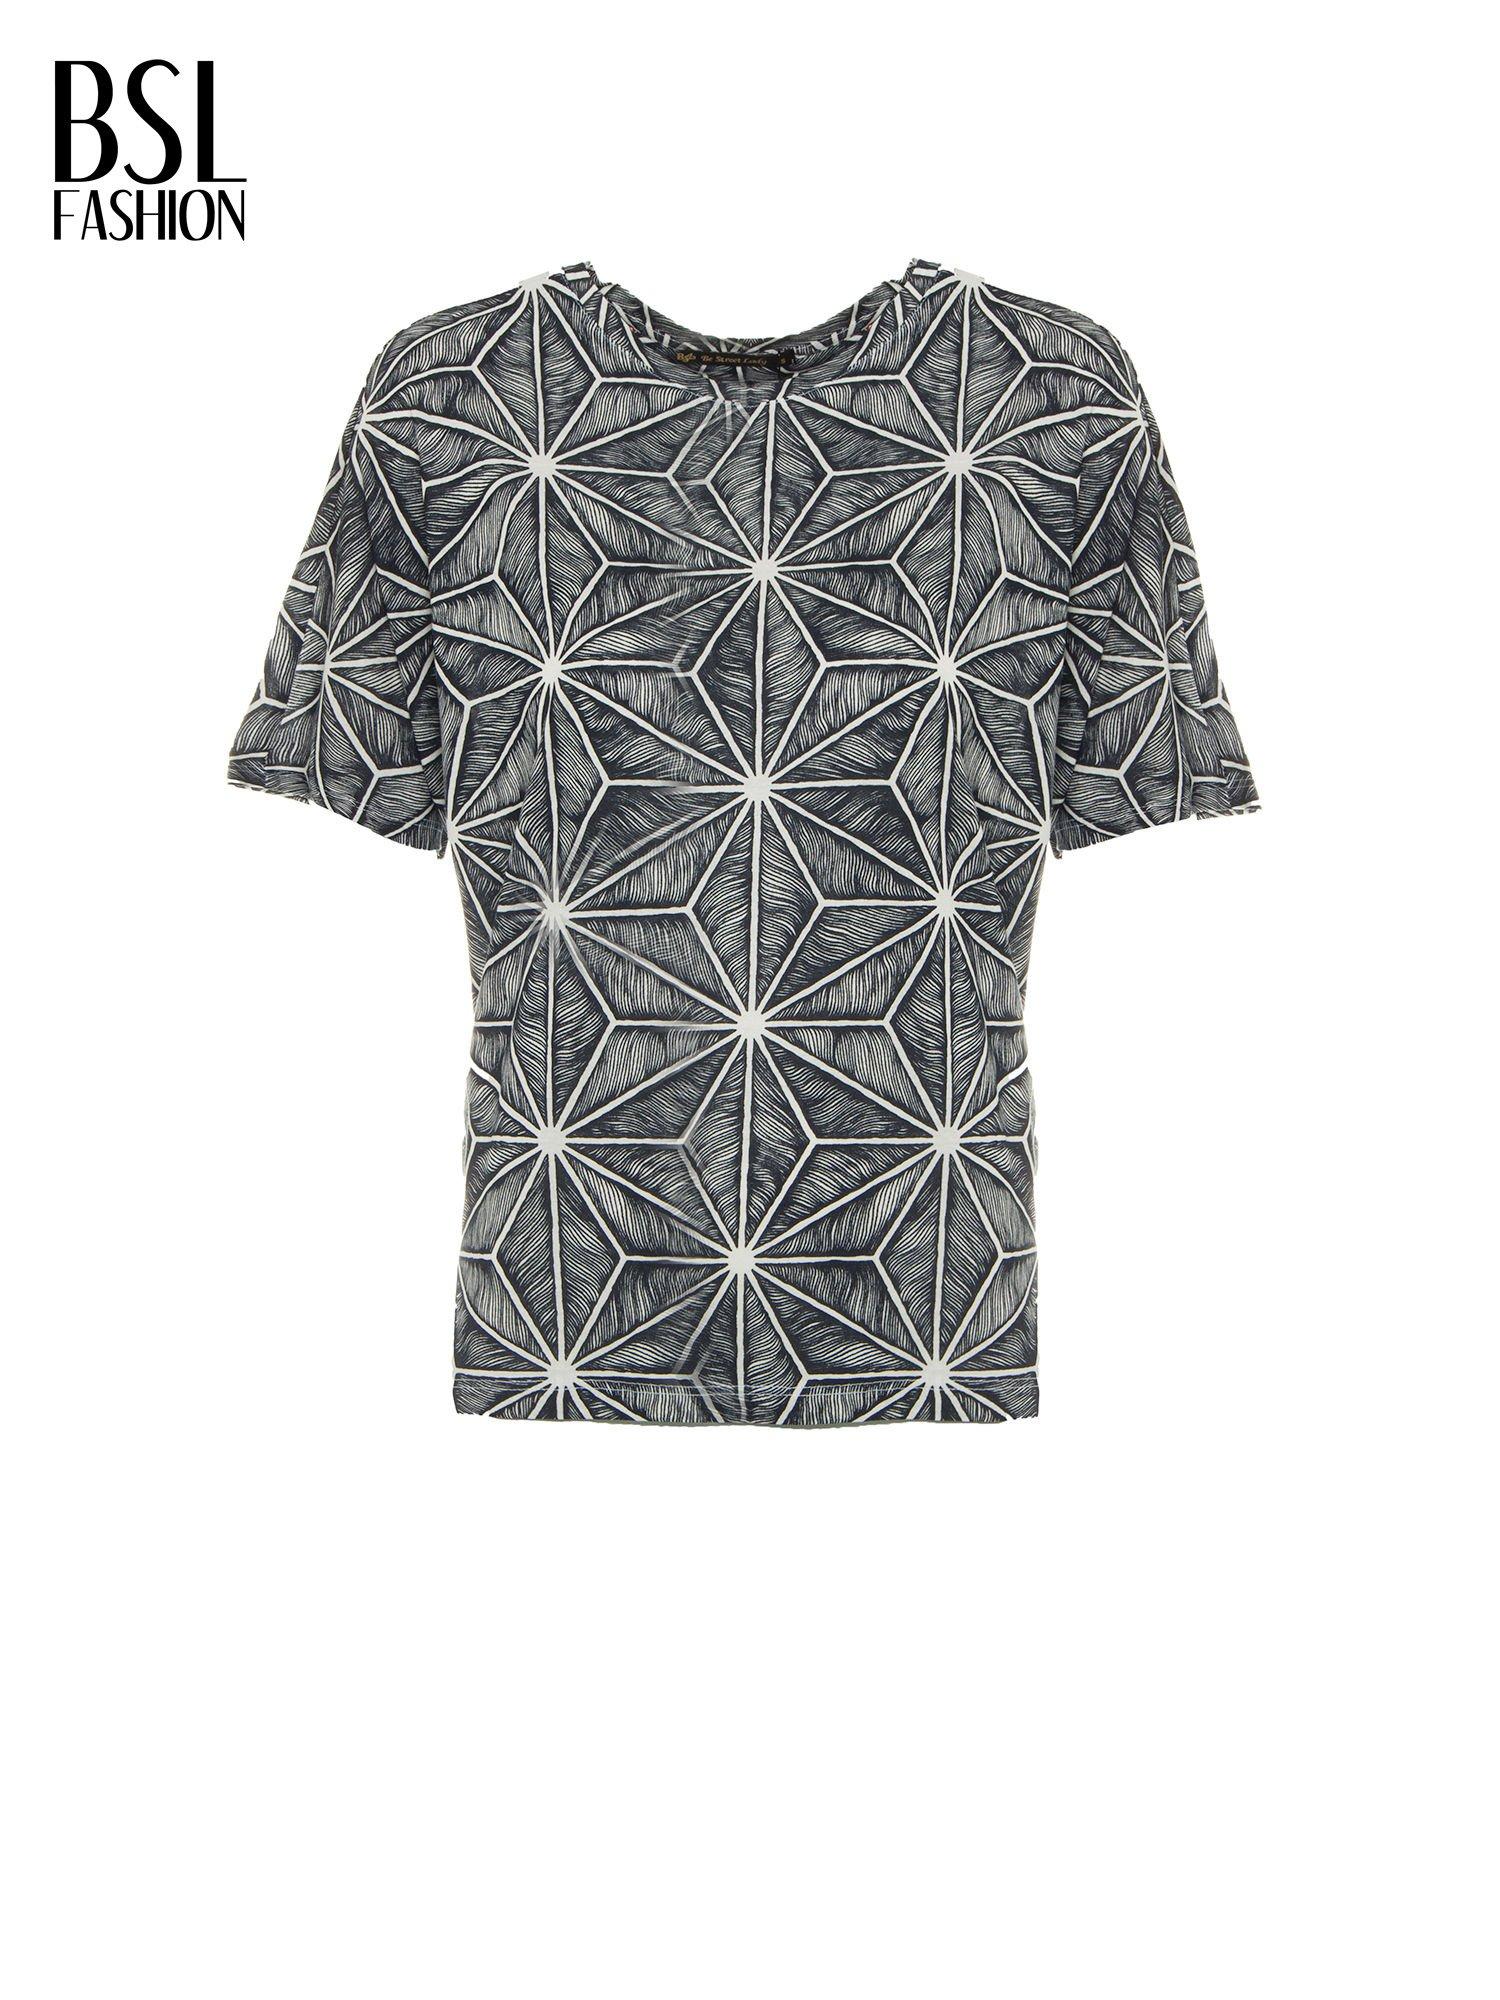 Czarny t-shirt z geometrycznym nadrukiem roślinnym                                  zdj.                                  2